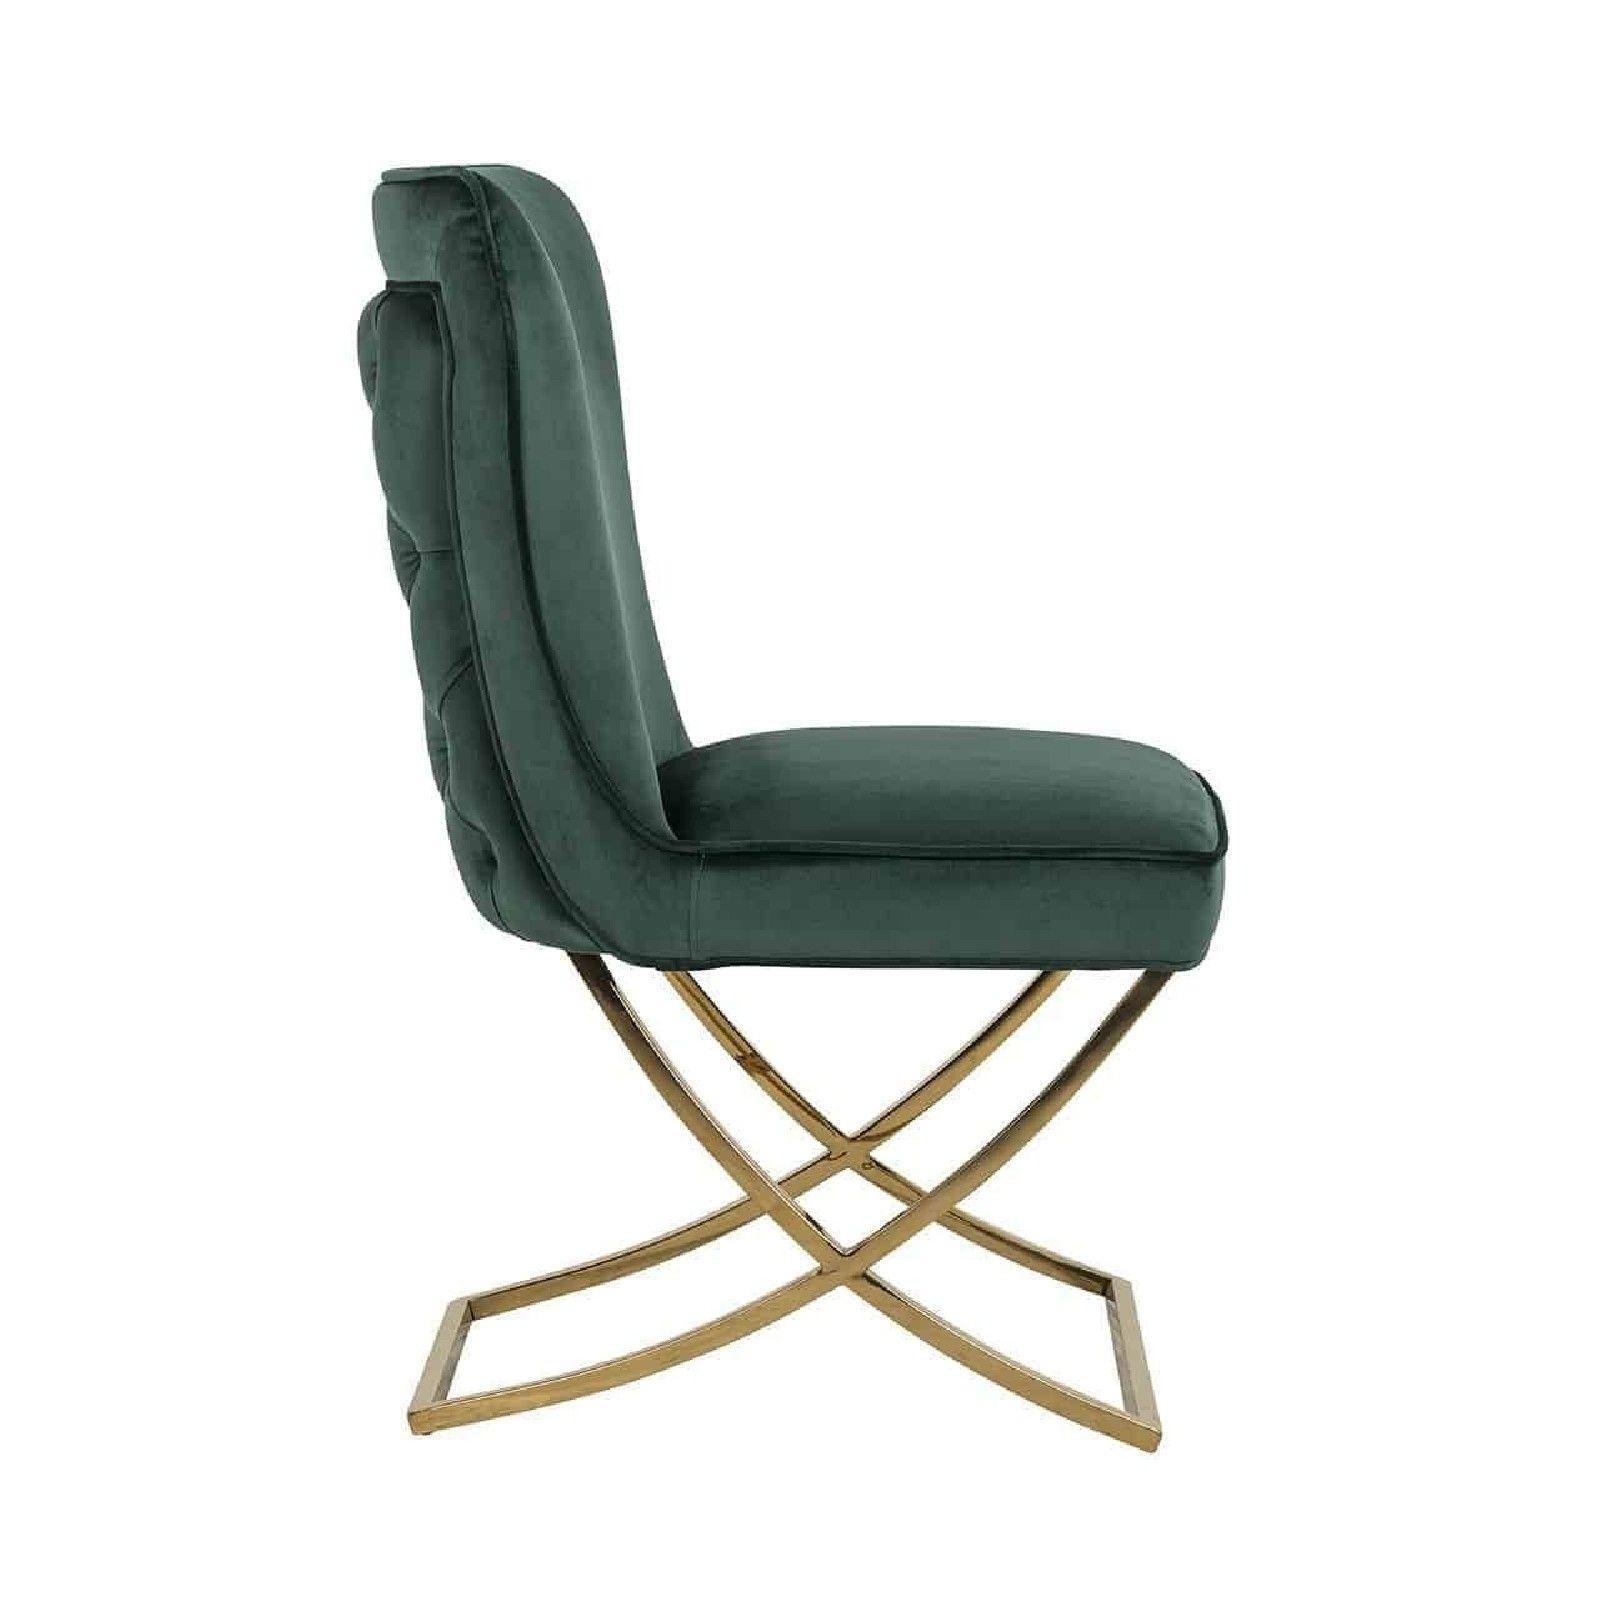 Chaise Chelsea Green velvet / gold Salle à manger - 78